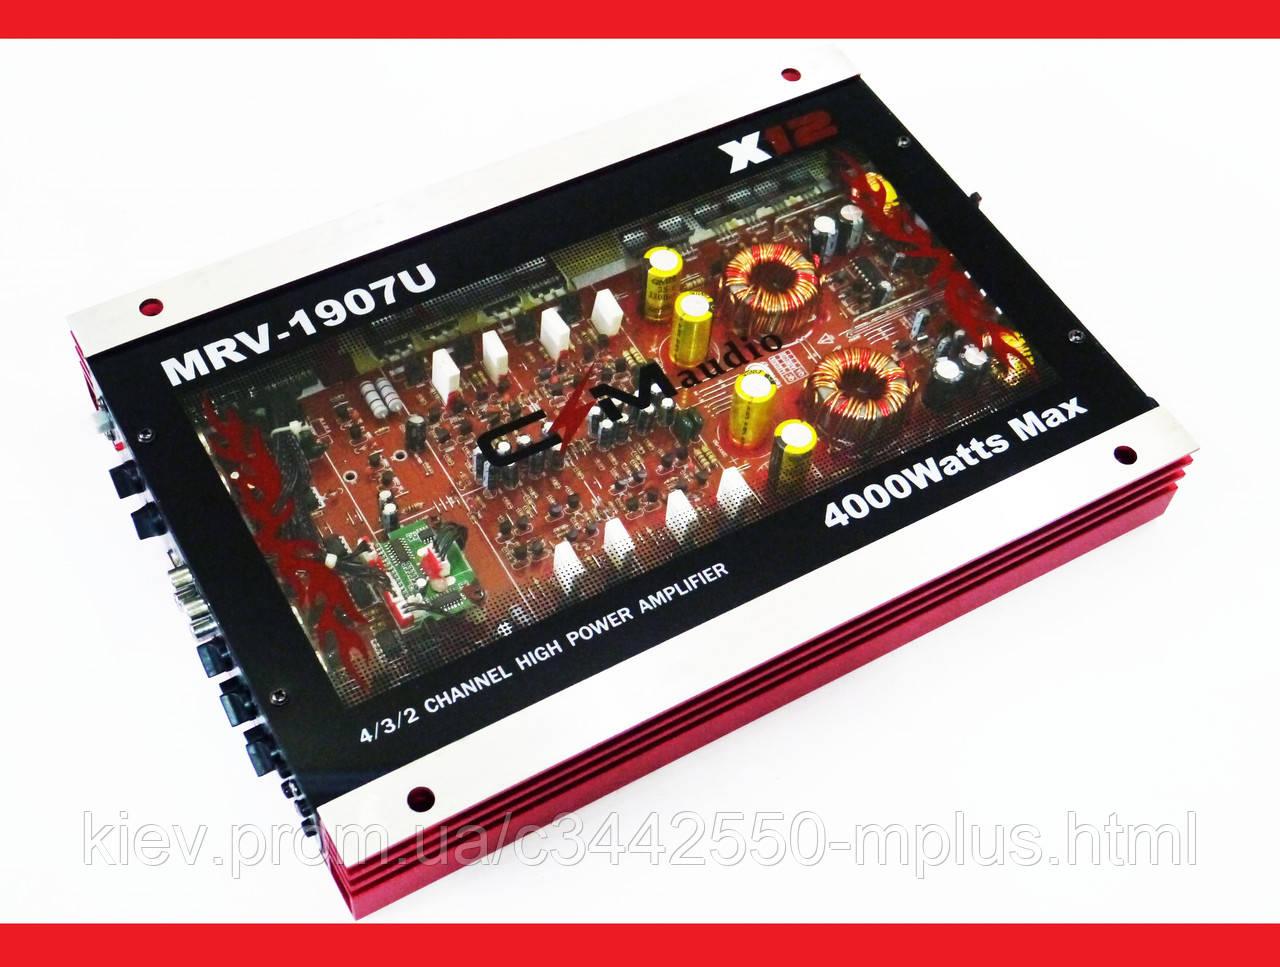 Автомобильный усилитель звука CMaudio MRV-1907U + USB 4000Вт 4х канальный Прозрачный корпус